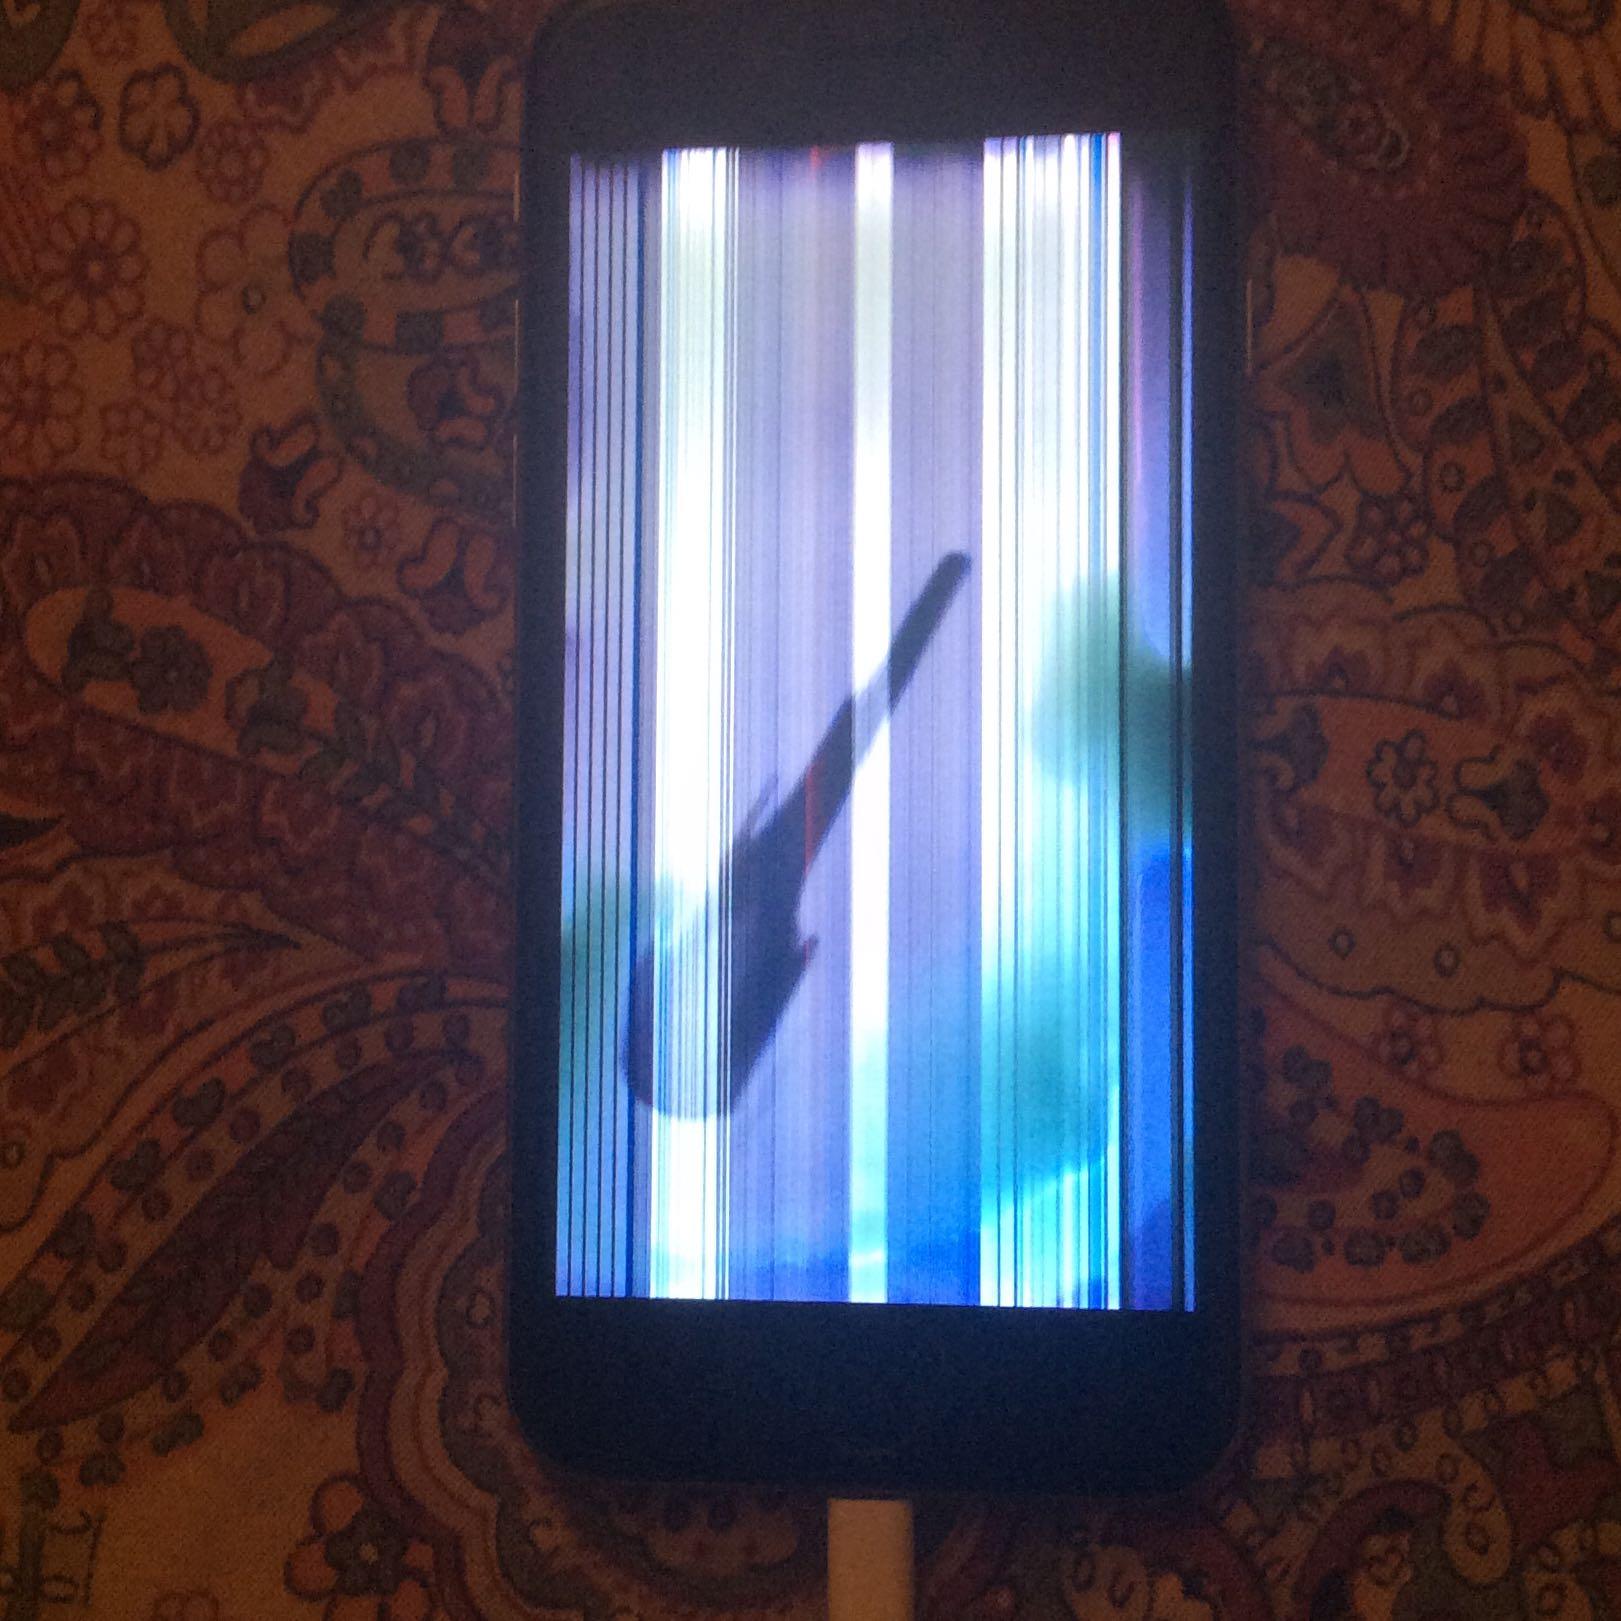 iphone 6s display reparatur wegen wasserschaden ios. Black Bedroom Furniture Sets. Home Design Ideas